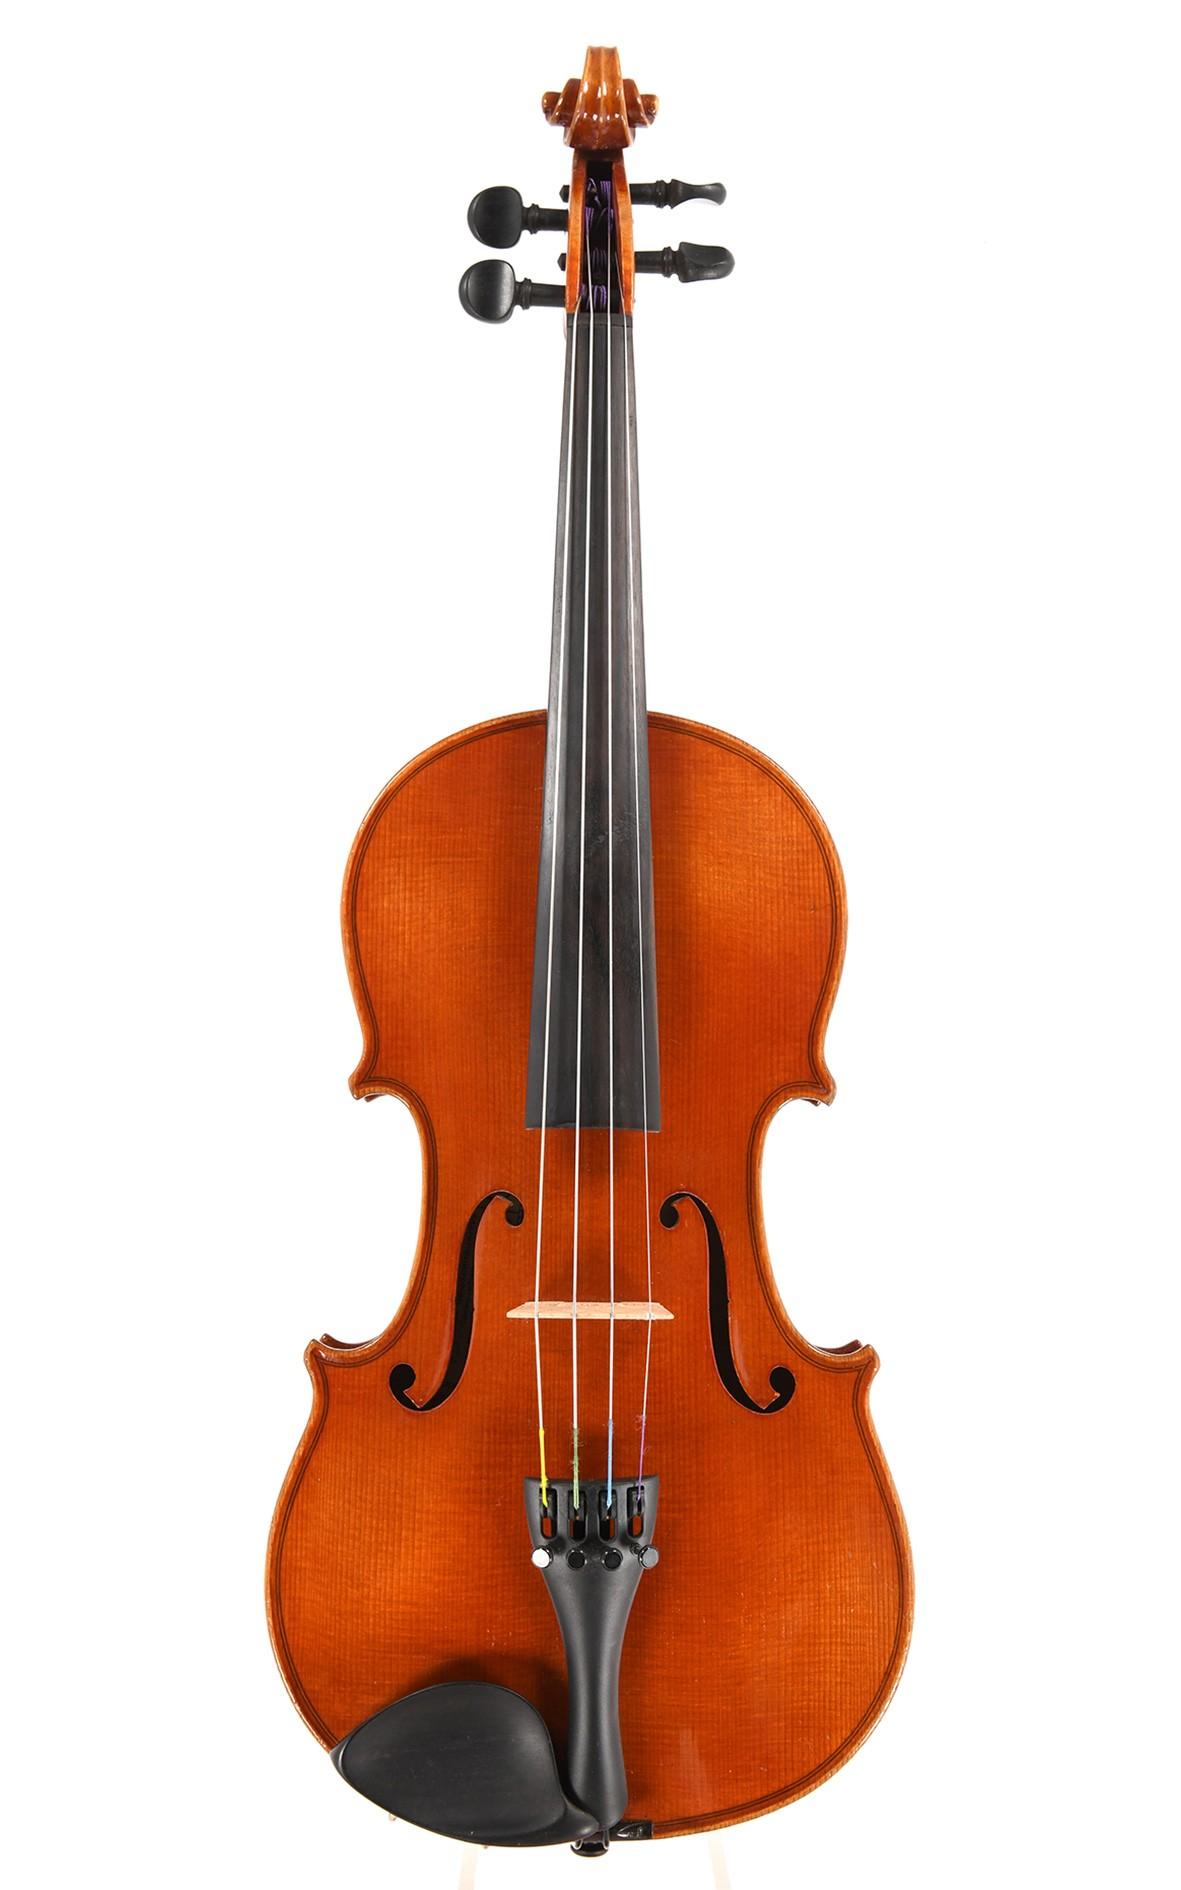 German violin. Walter Meinhold, Markneukirchen, 1953